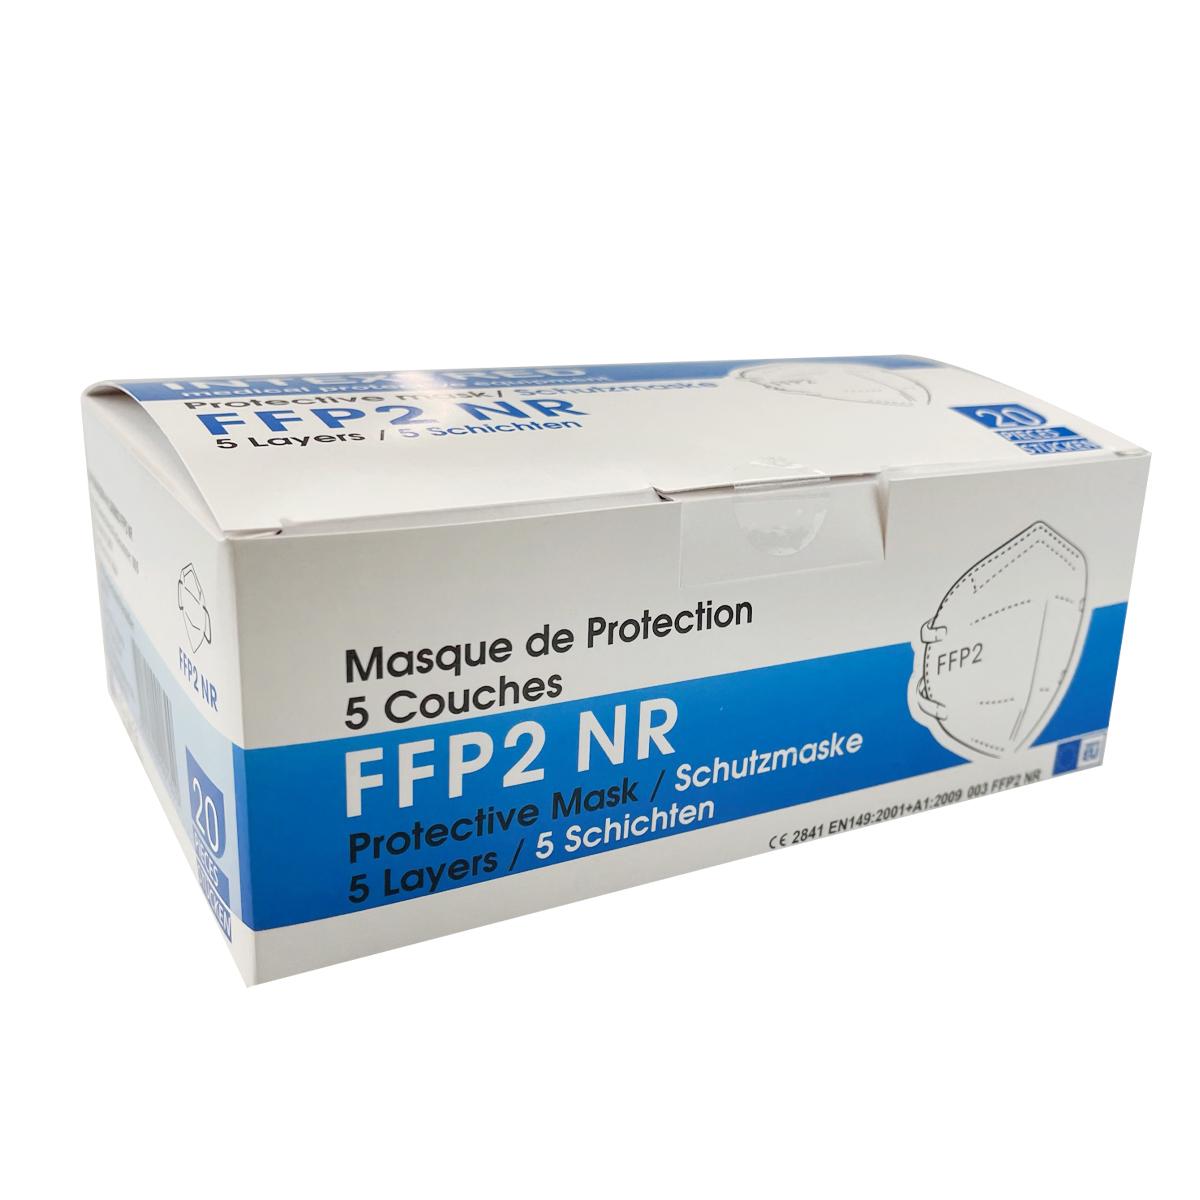 Intextred Schutzmaske - FFP2, ohne Ventil (20 Stk)